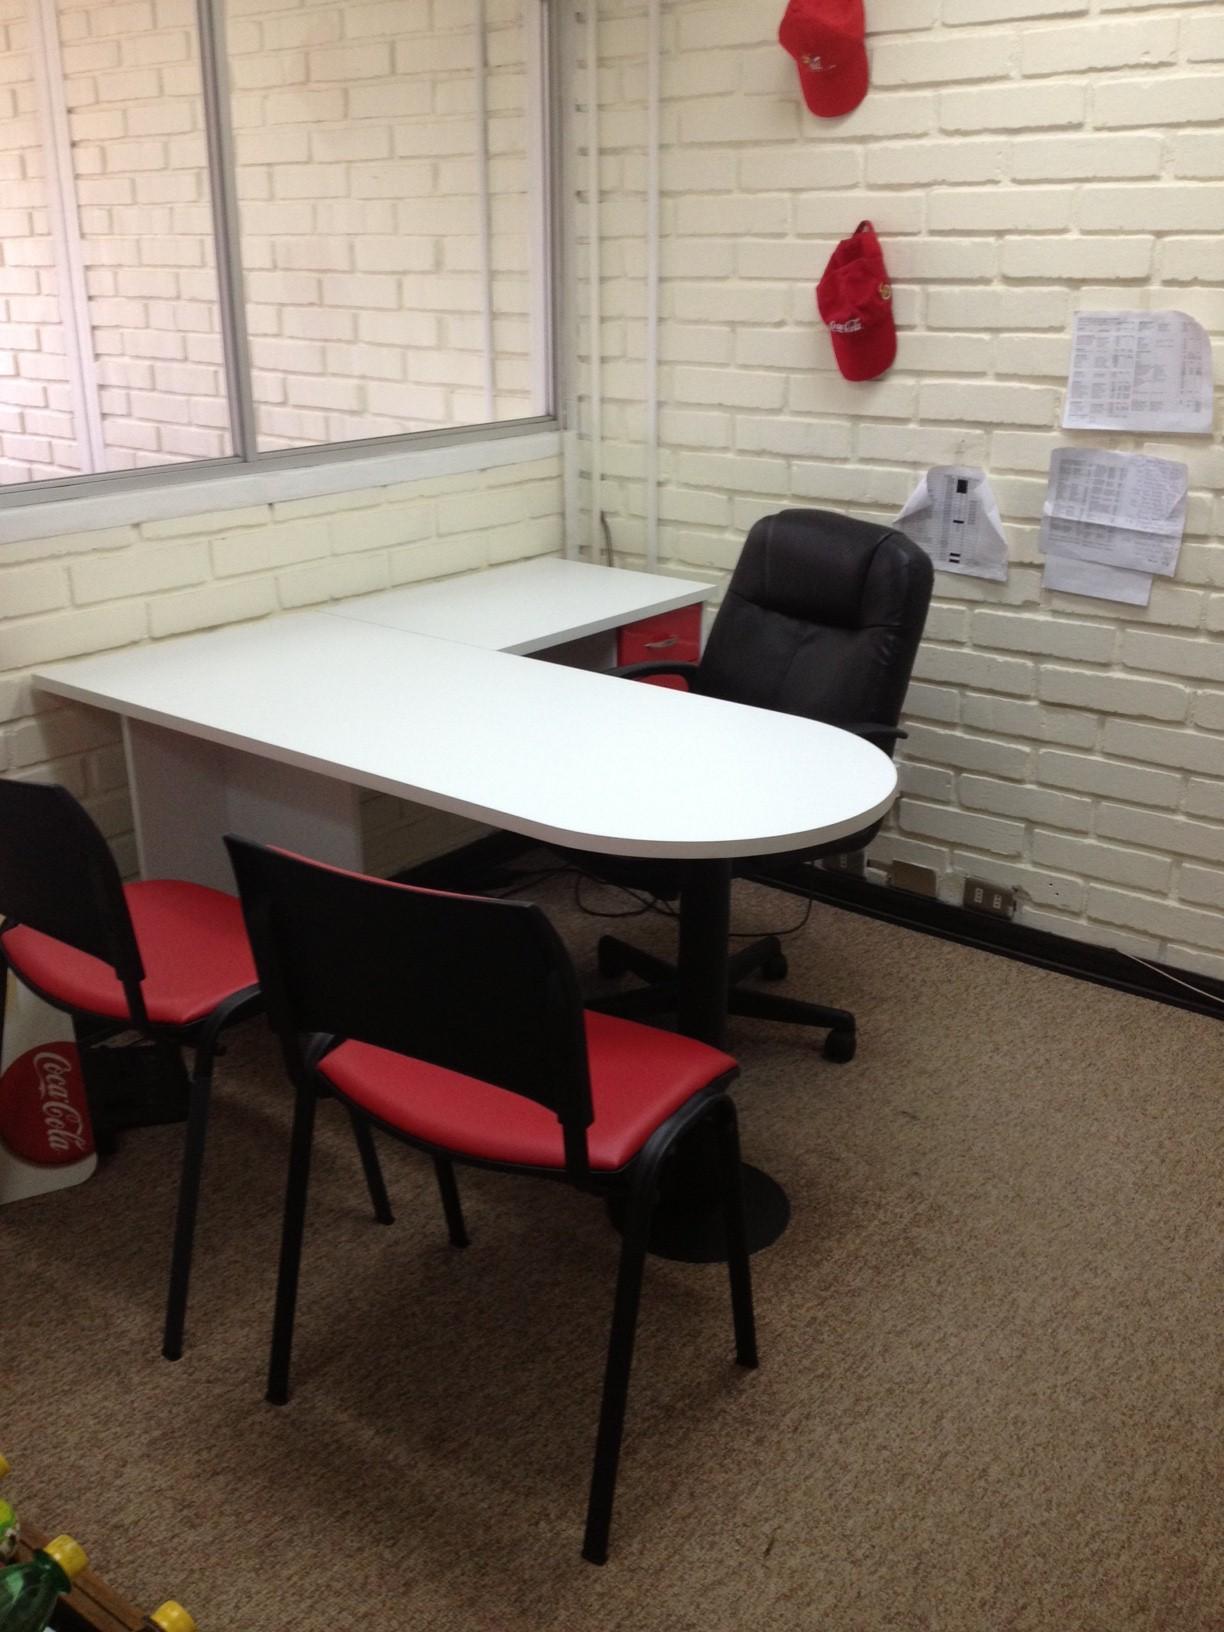 L nea muebles oficina oficinas ebano muebles muebles for Muebles de oficina wengue